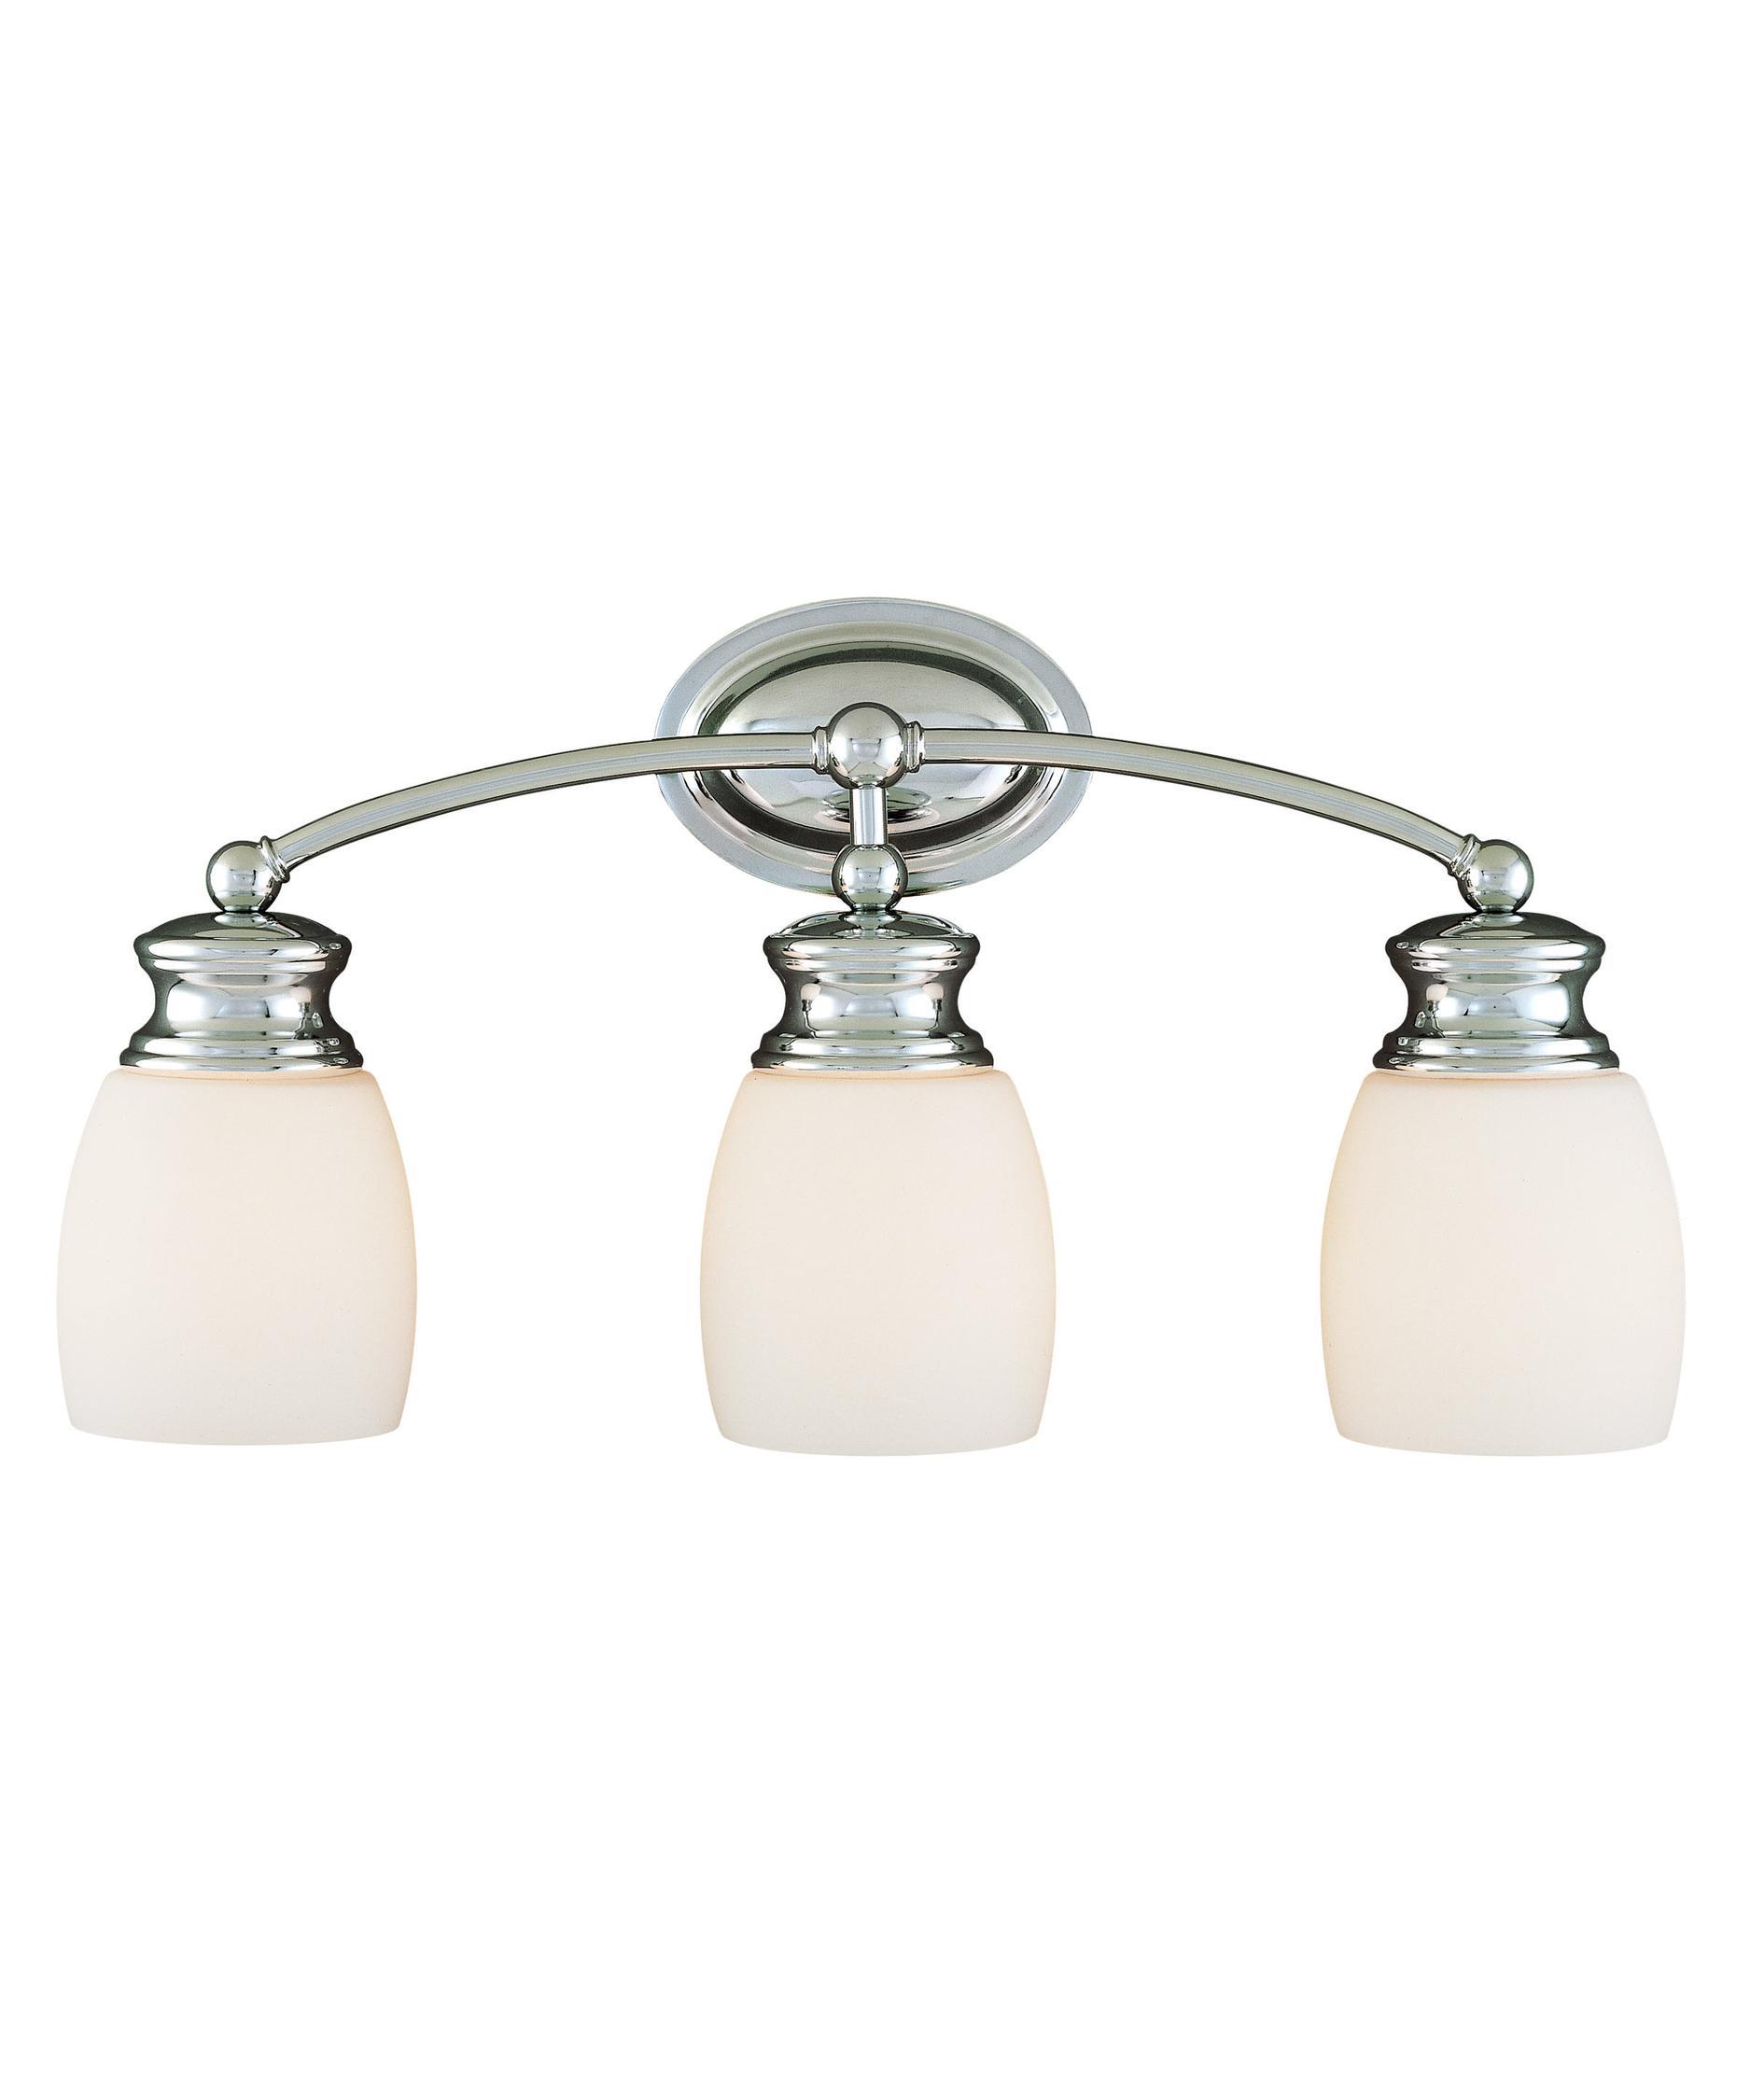 Delta 2 Light Chrome Bathroom Vanity Fleurdelissf – Chrome Bathroom Lighting